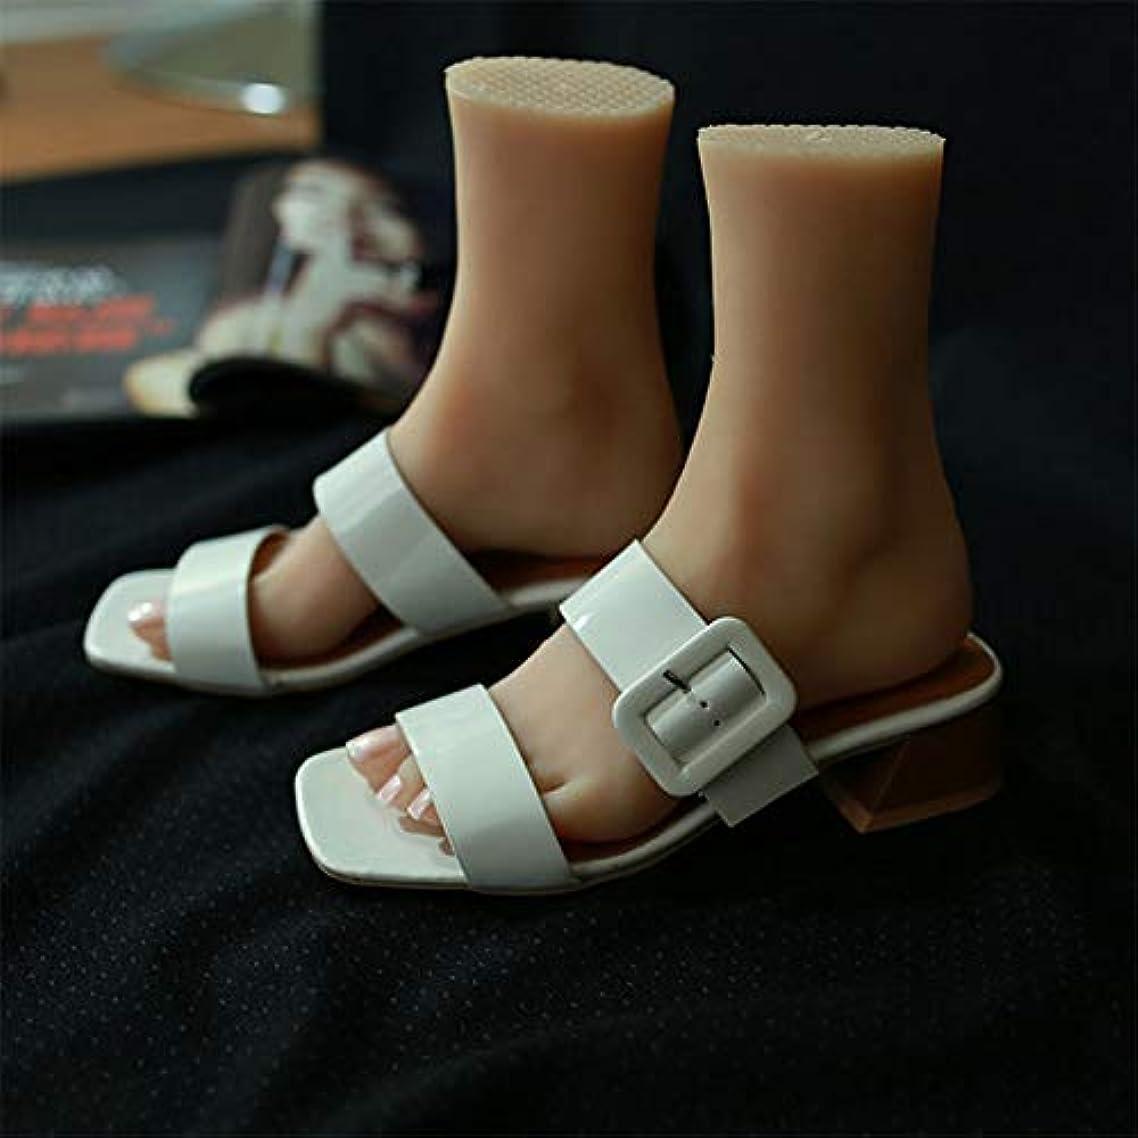 パット気絶させる同等のシリコーンライフサイズ子供マネキンの足1ペアJewerlyサンダル靴ソックスは、ネイルアートでスケッチを表示するディスプレイ